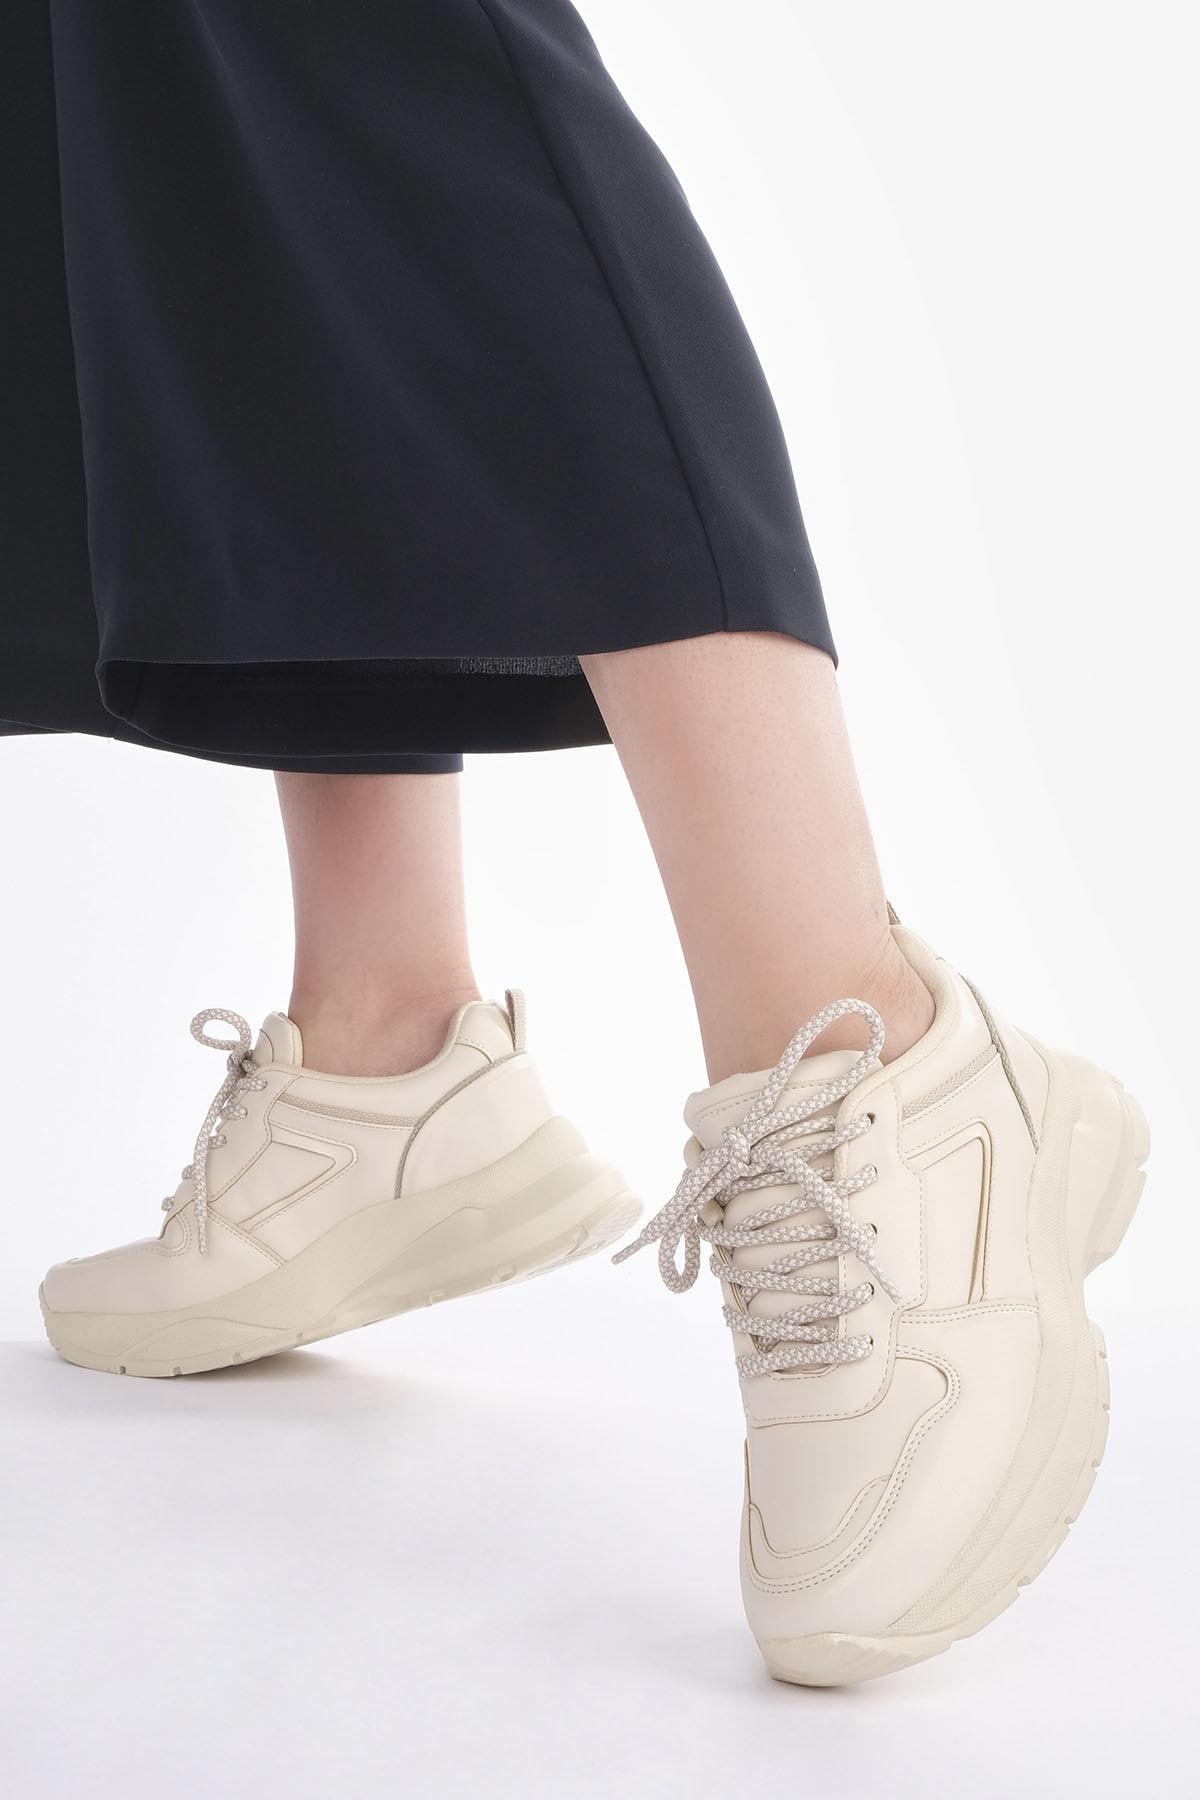 Marjin Kadın Bej Sneaker Dolgu Topuk Spor Ayakkabı Besri 0